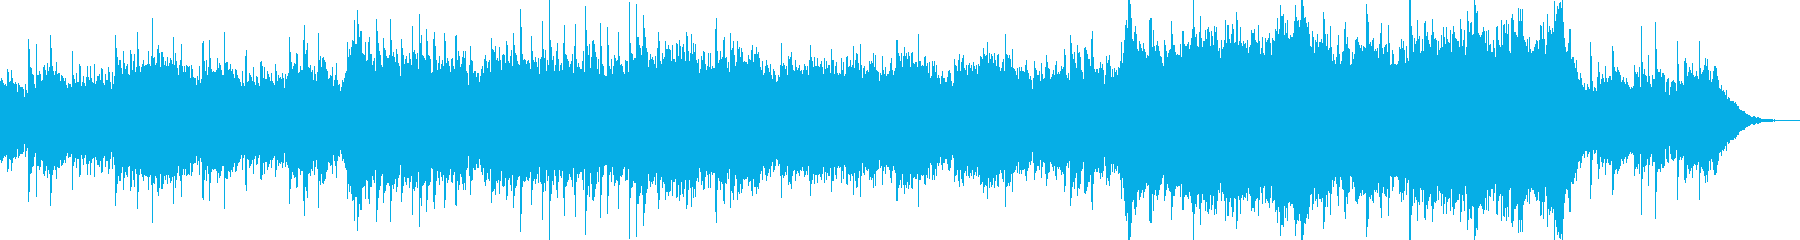 これはピアノのリードが層になったメ...の再生済みの波形